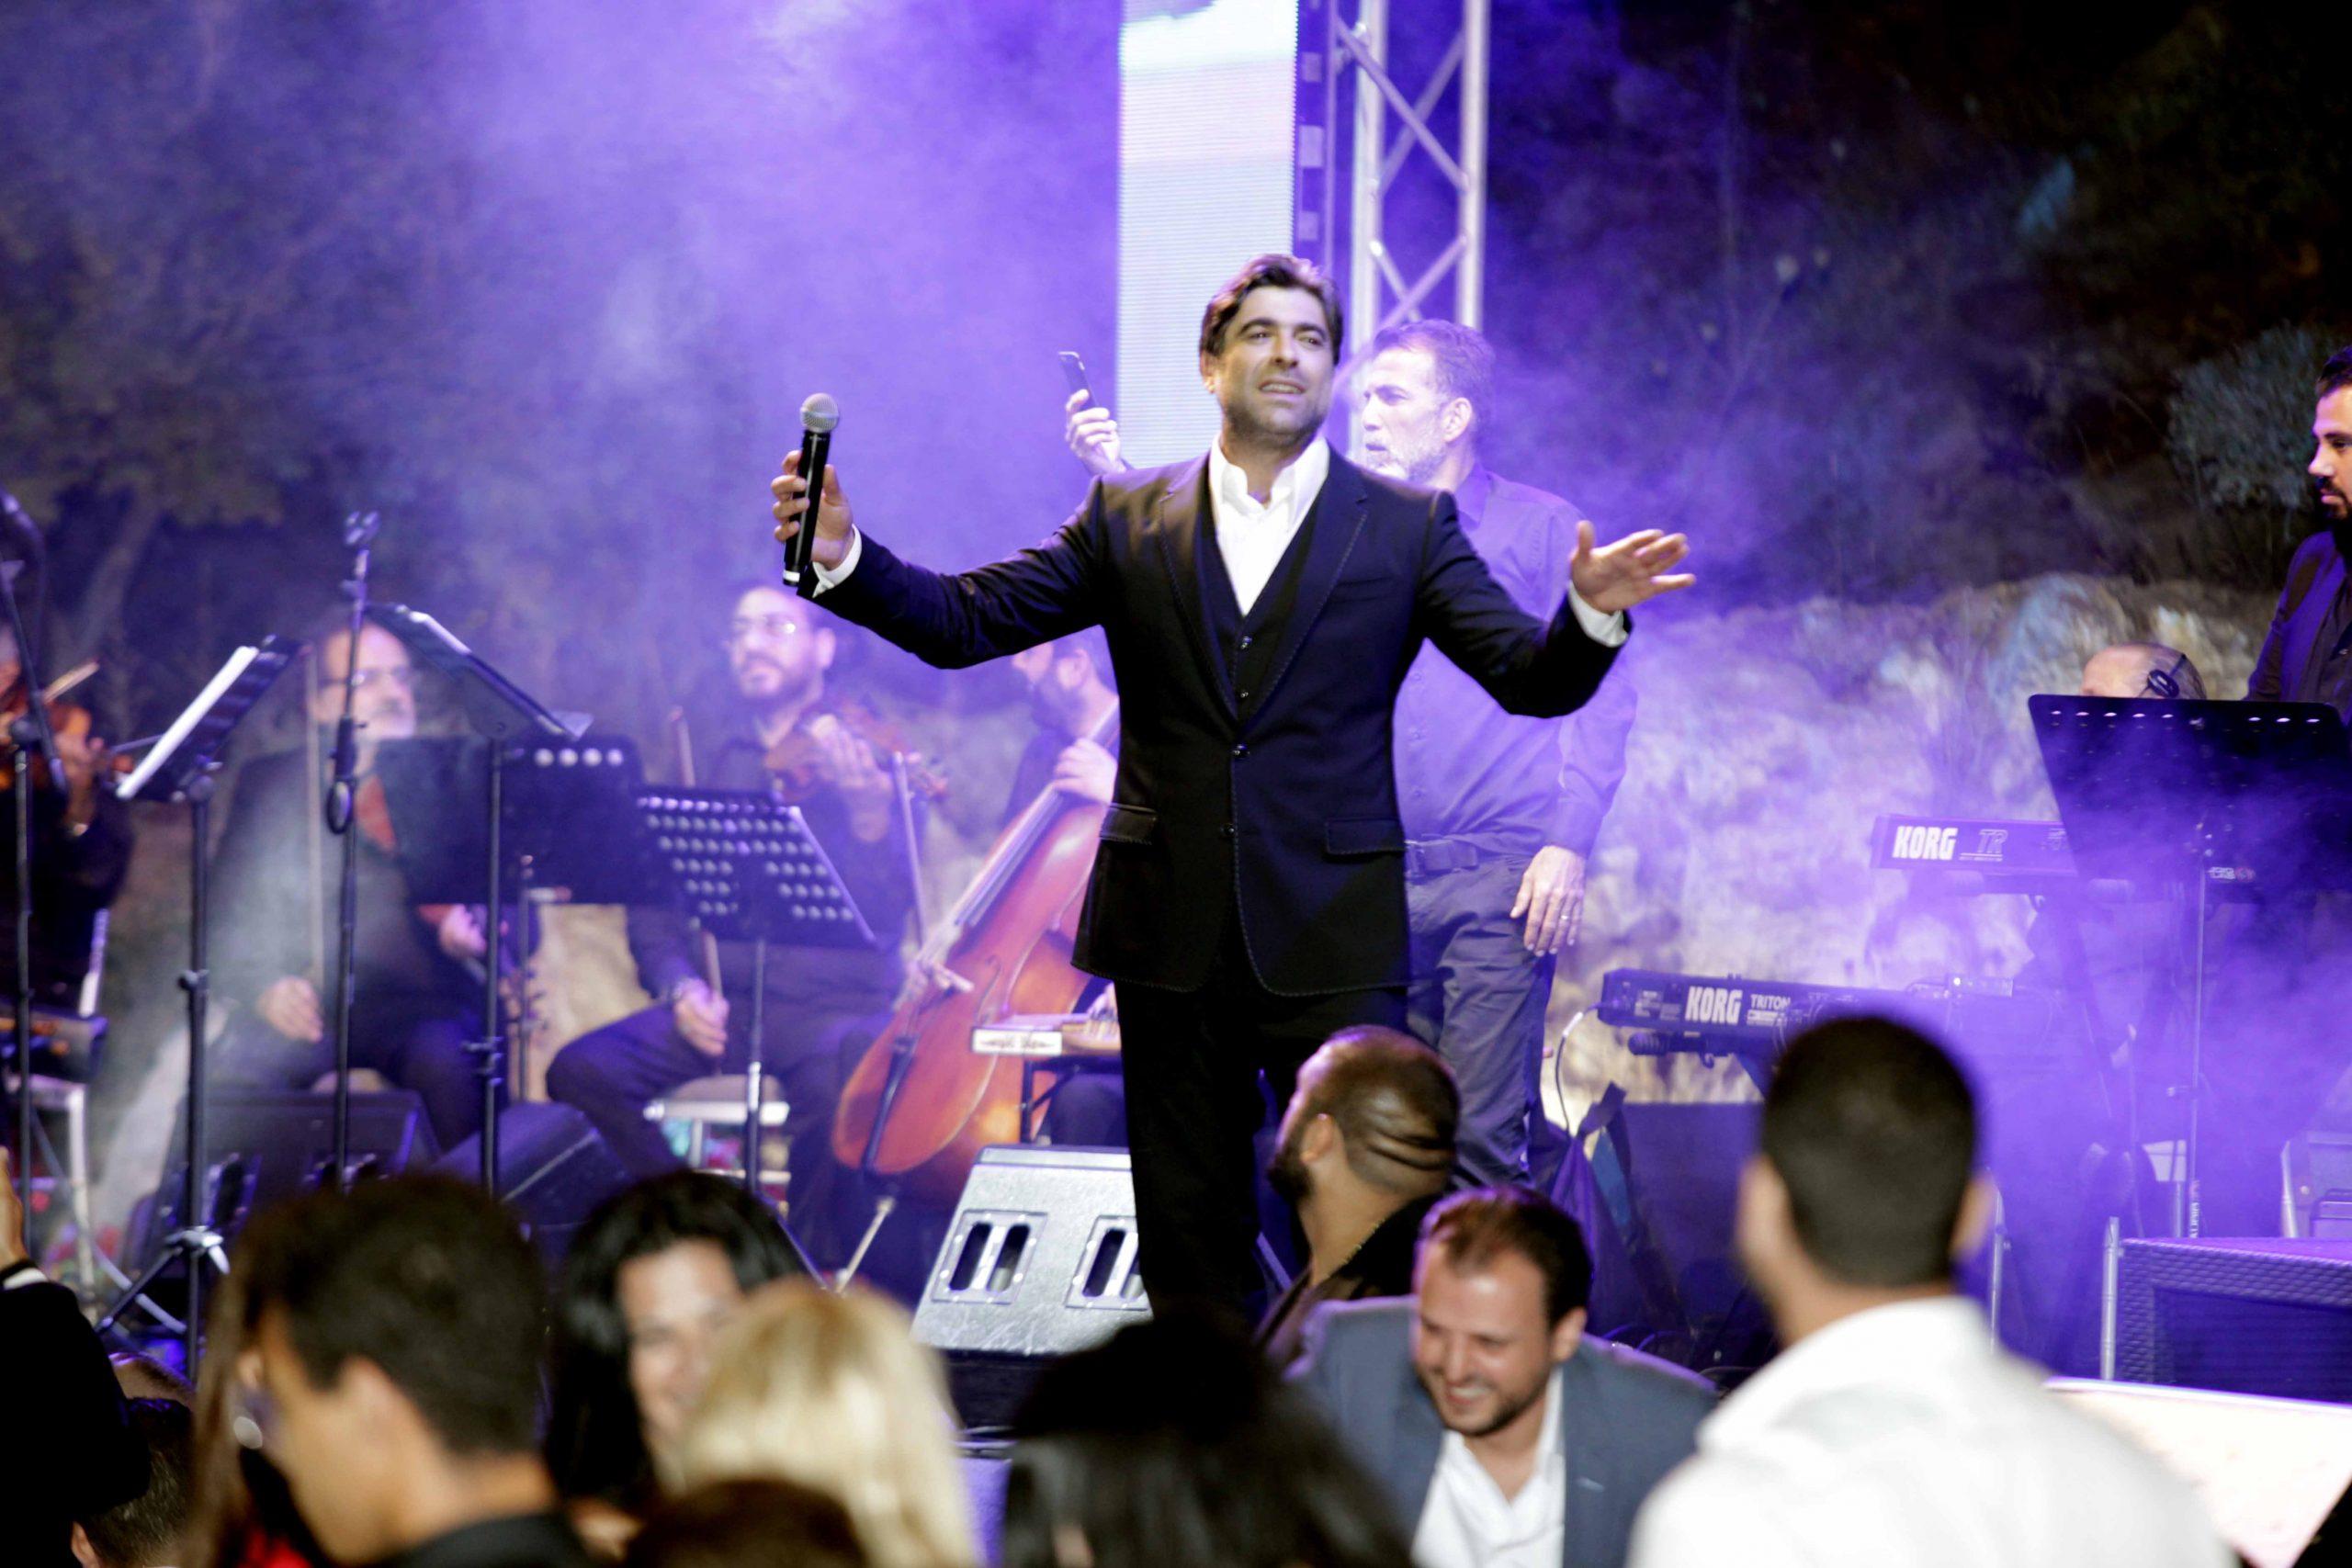 Nancy Ajram and Wael Kfoury to perform in Qatar